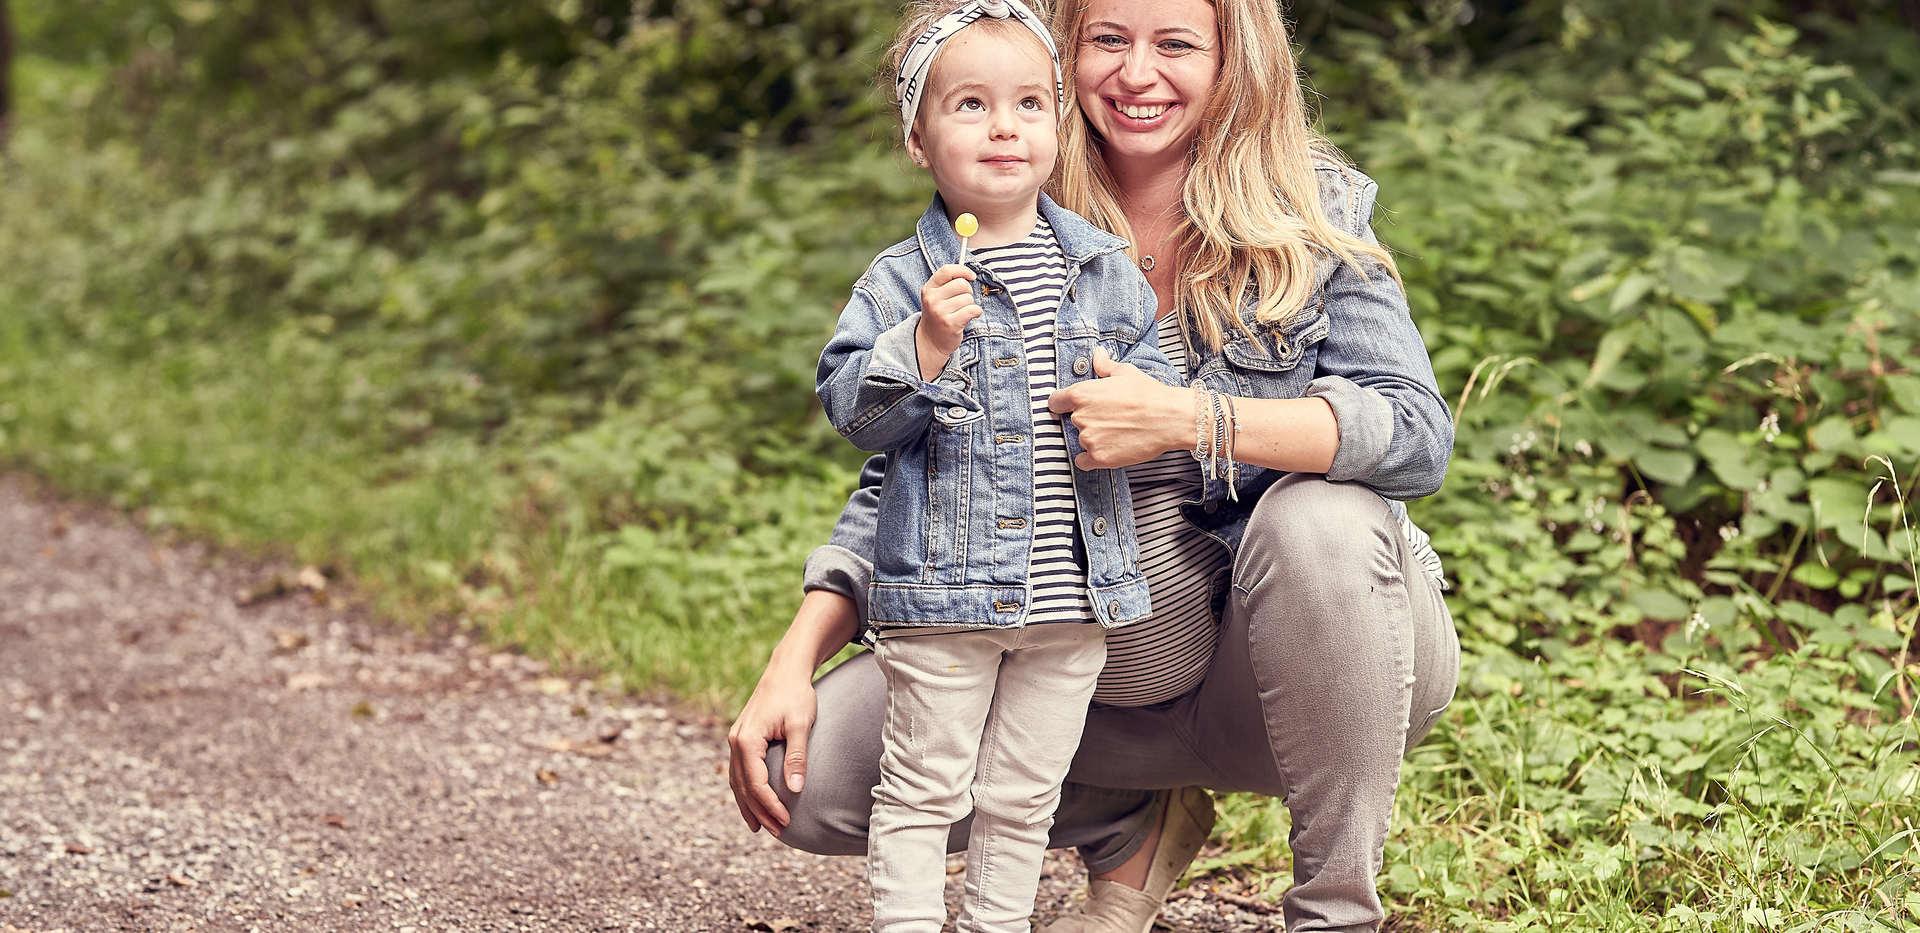 Familienfotograf Babybauch Fotoshooting Daniel Dyntar Luzern-Mutter und Tochter